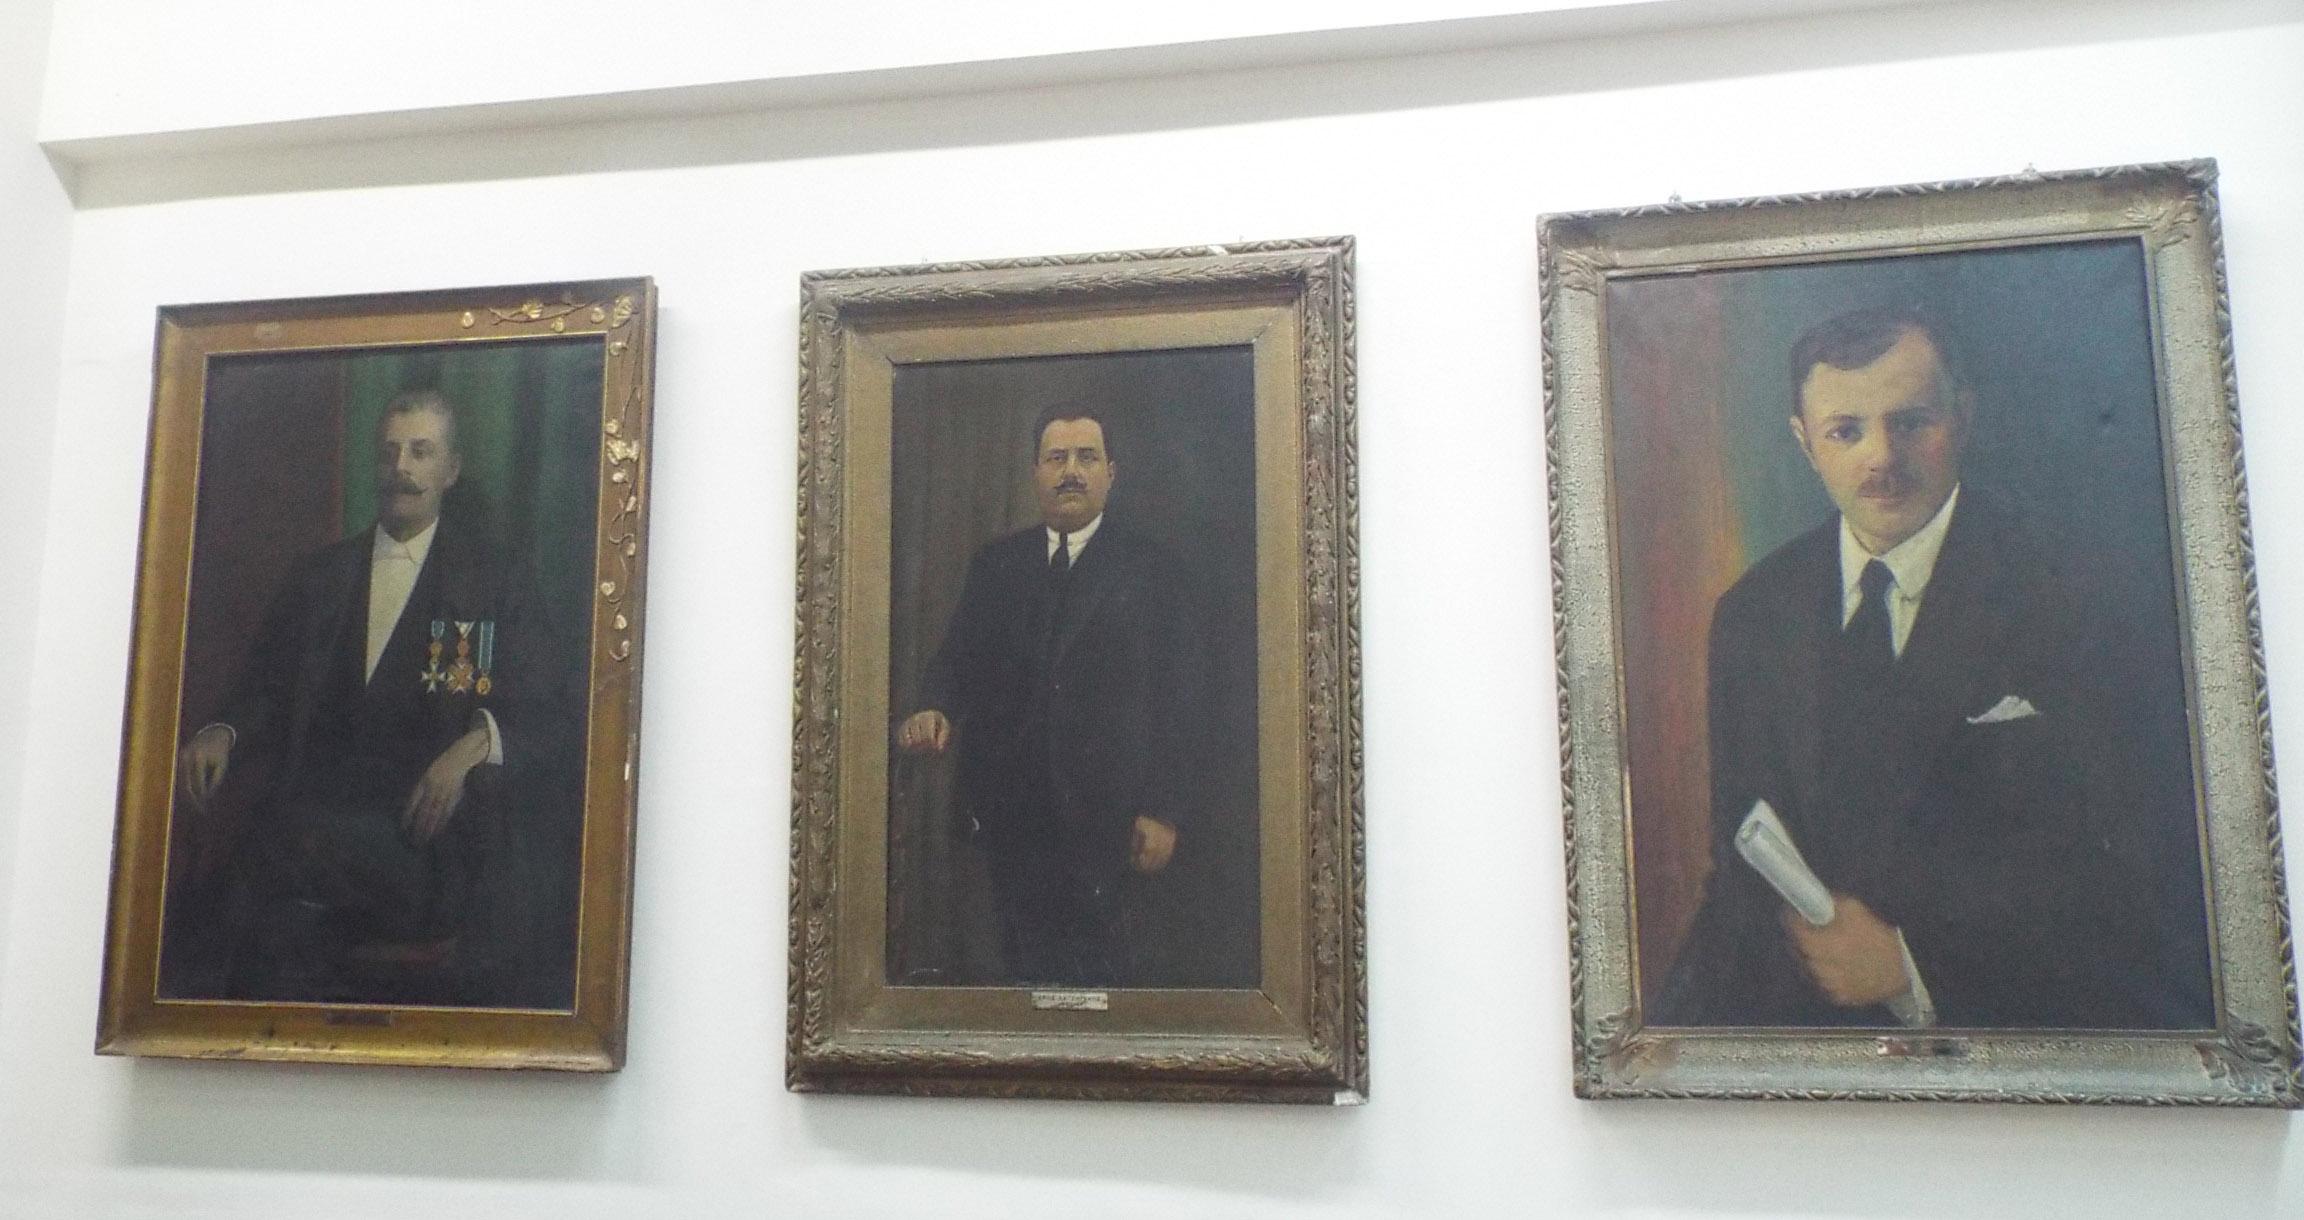 Οι Δήμαρχοι, Παναγιώτης Χατζηγάκης, Μιχάλης Χατζηγάκης, Θεοδόσιος Θεοδοσόπουλος.